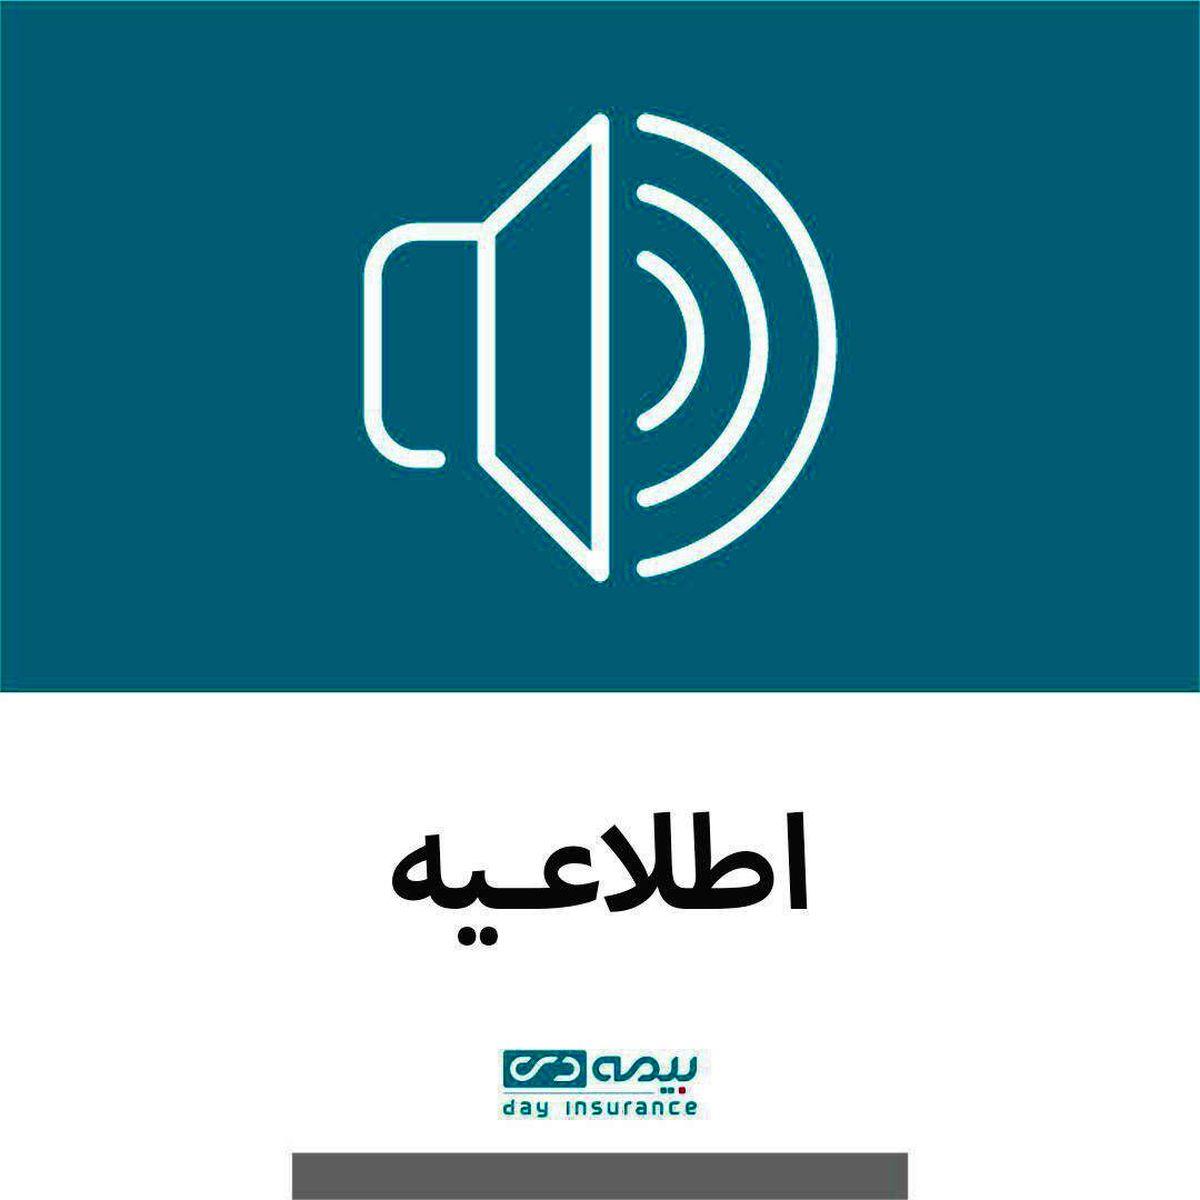 اطلاعیه برگزاری مجمع شرکت بیمه دی